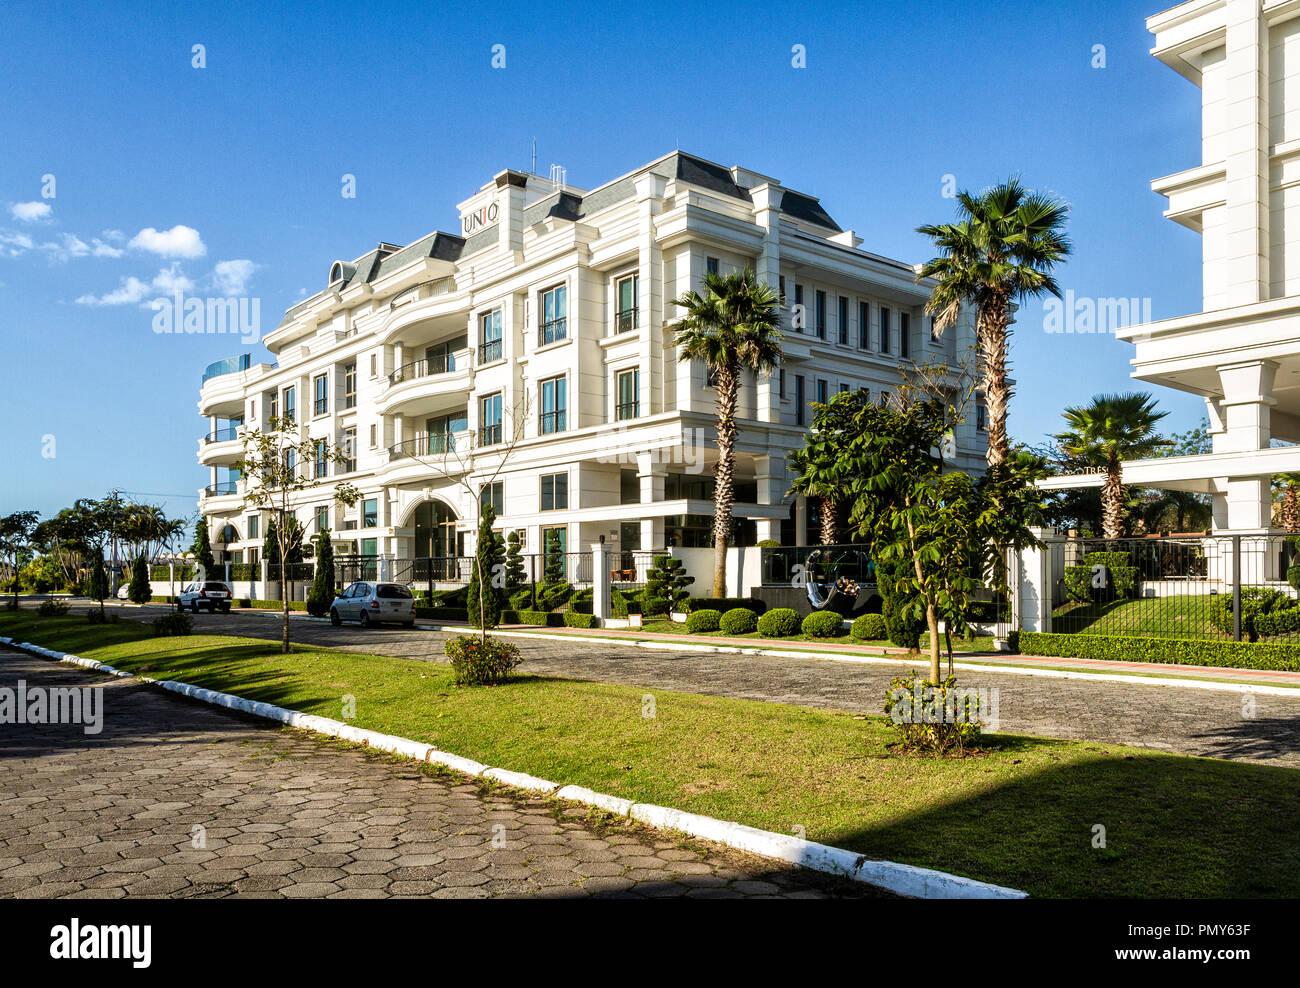 Gebäude in der wohlhabenden Nachbarschaft von jurere Internacional. Florianopolis, Santa Catarina, Brasilien. Stockbild